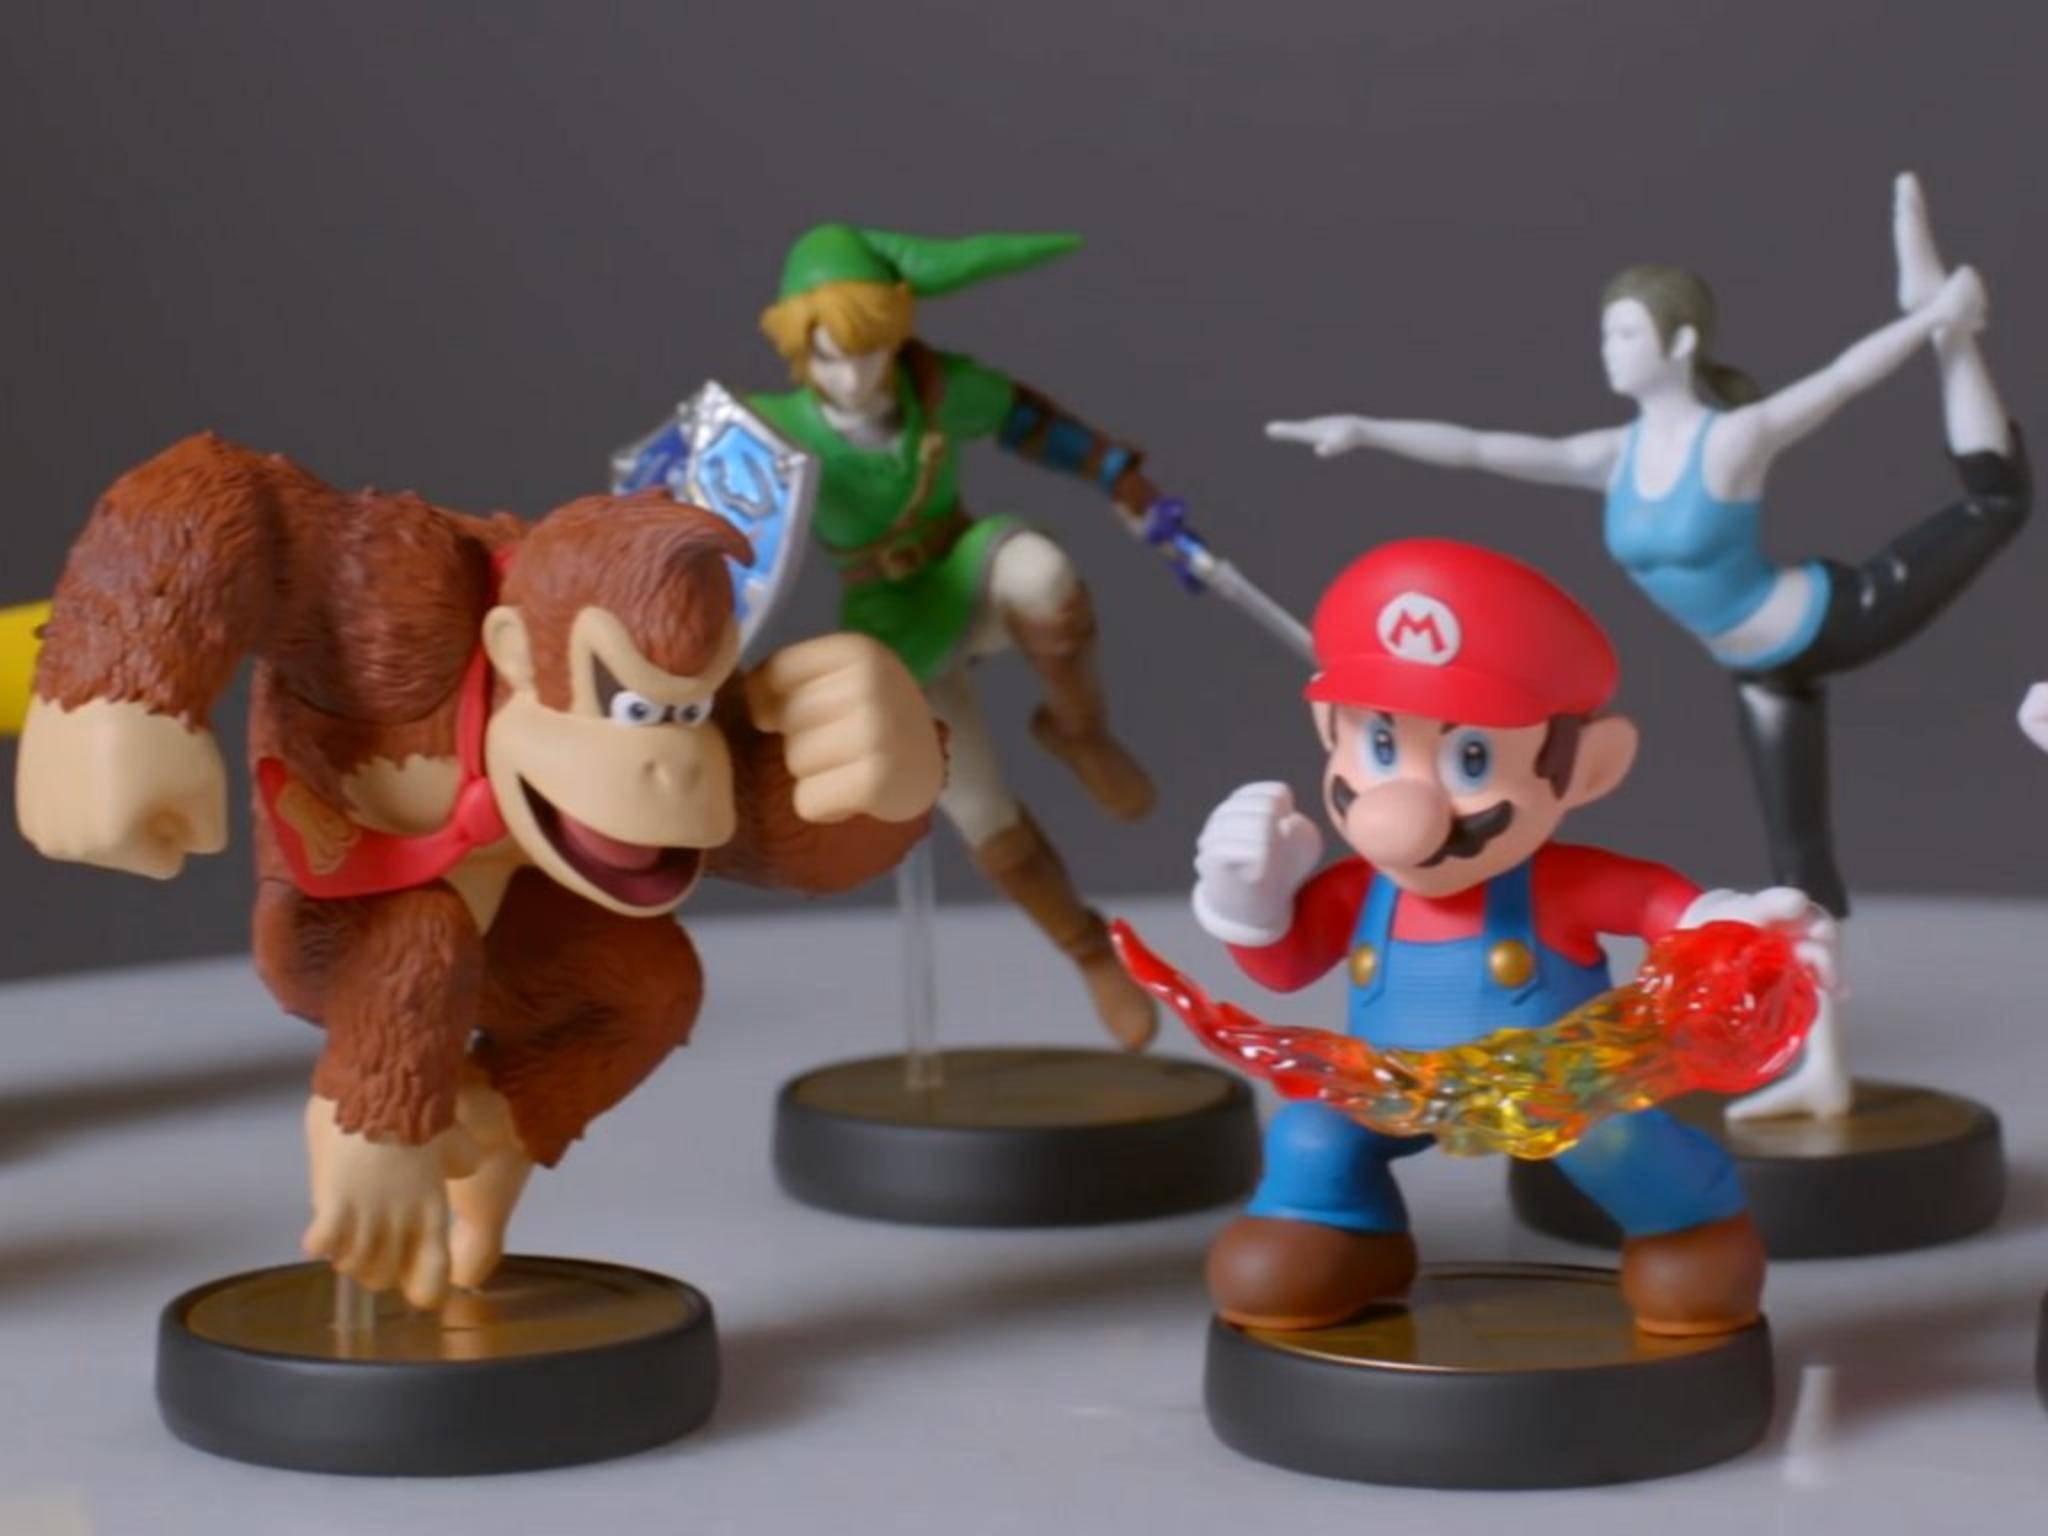 Die Amiibo-Figuren von Nintendo: Vermutlich wird es neue Kandidaten für die E3 geben.